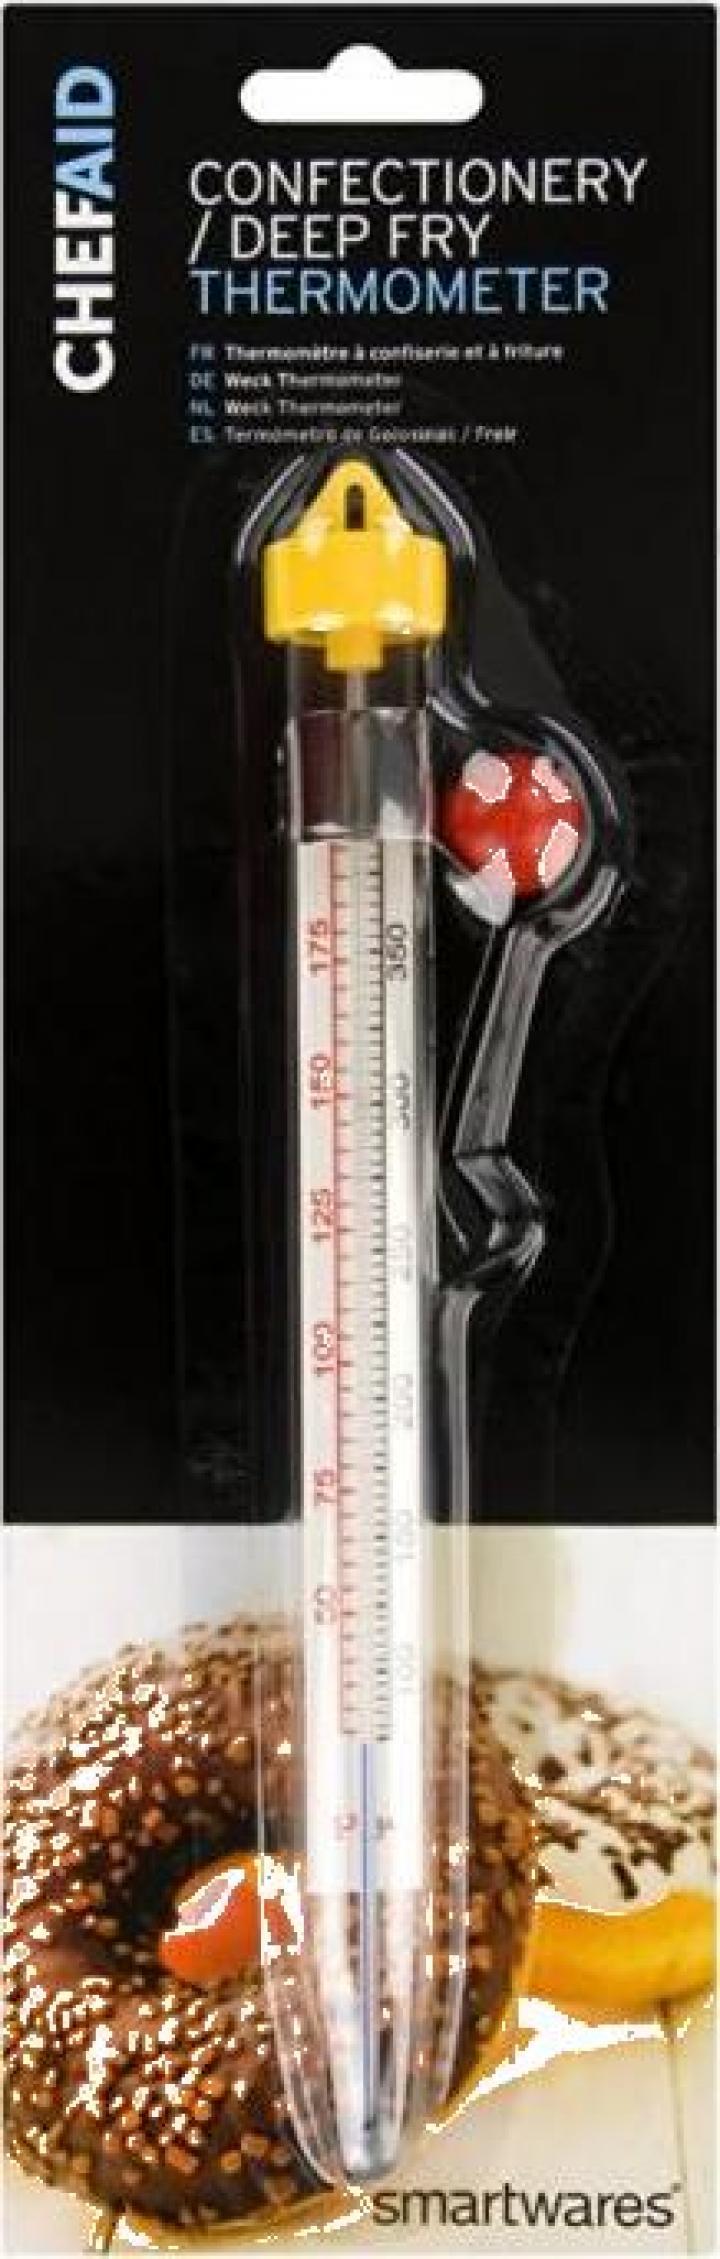 Termometru pentru cofetarie